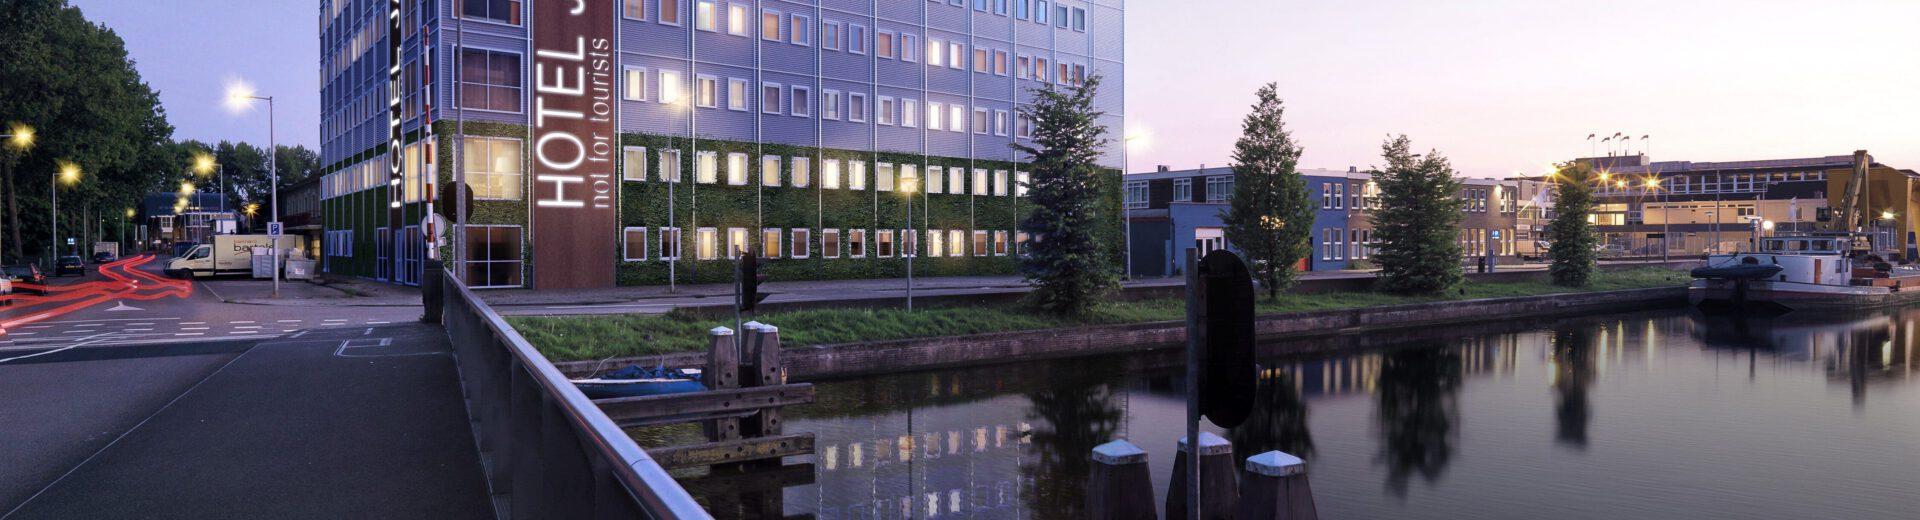 Impressie Hotel Jansen